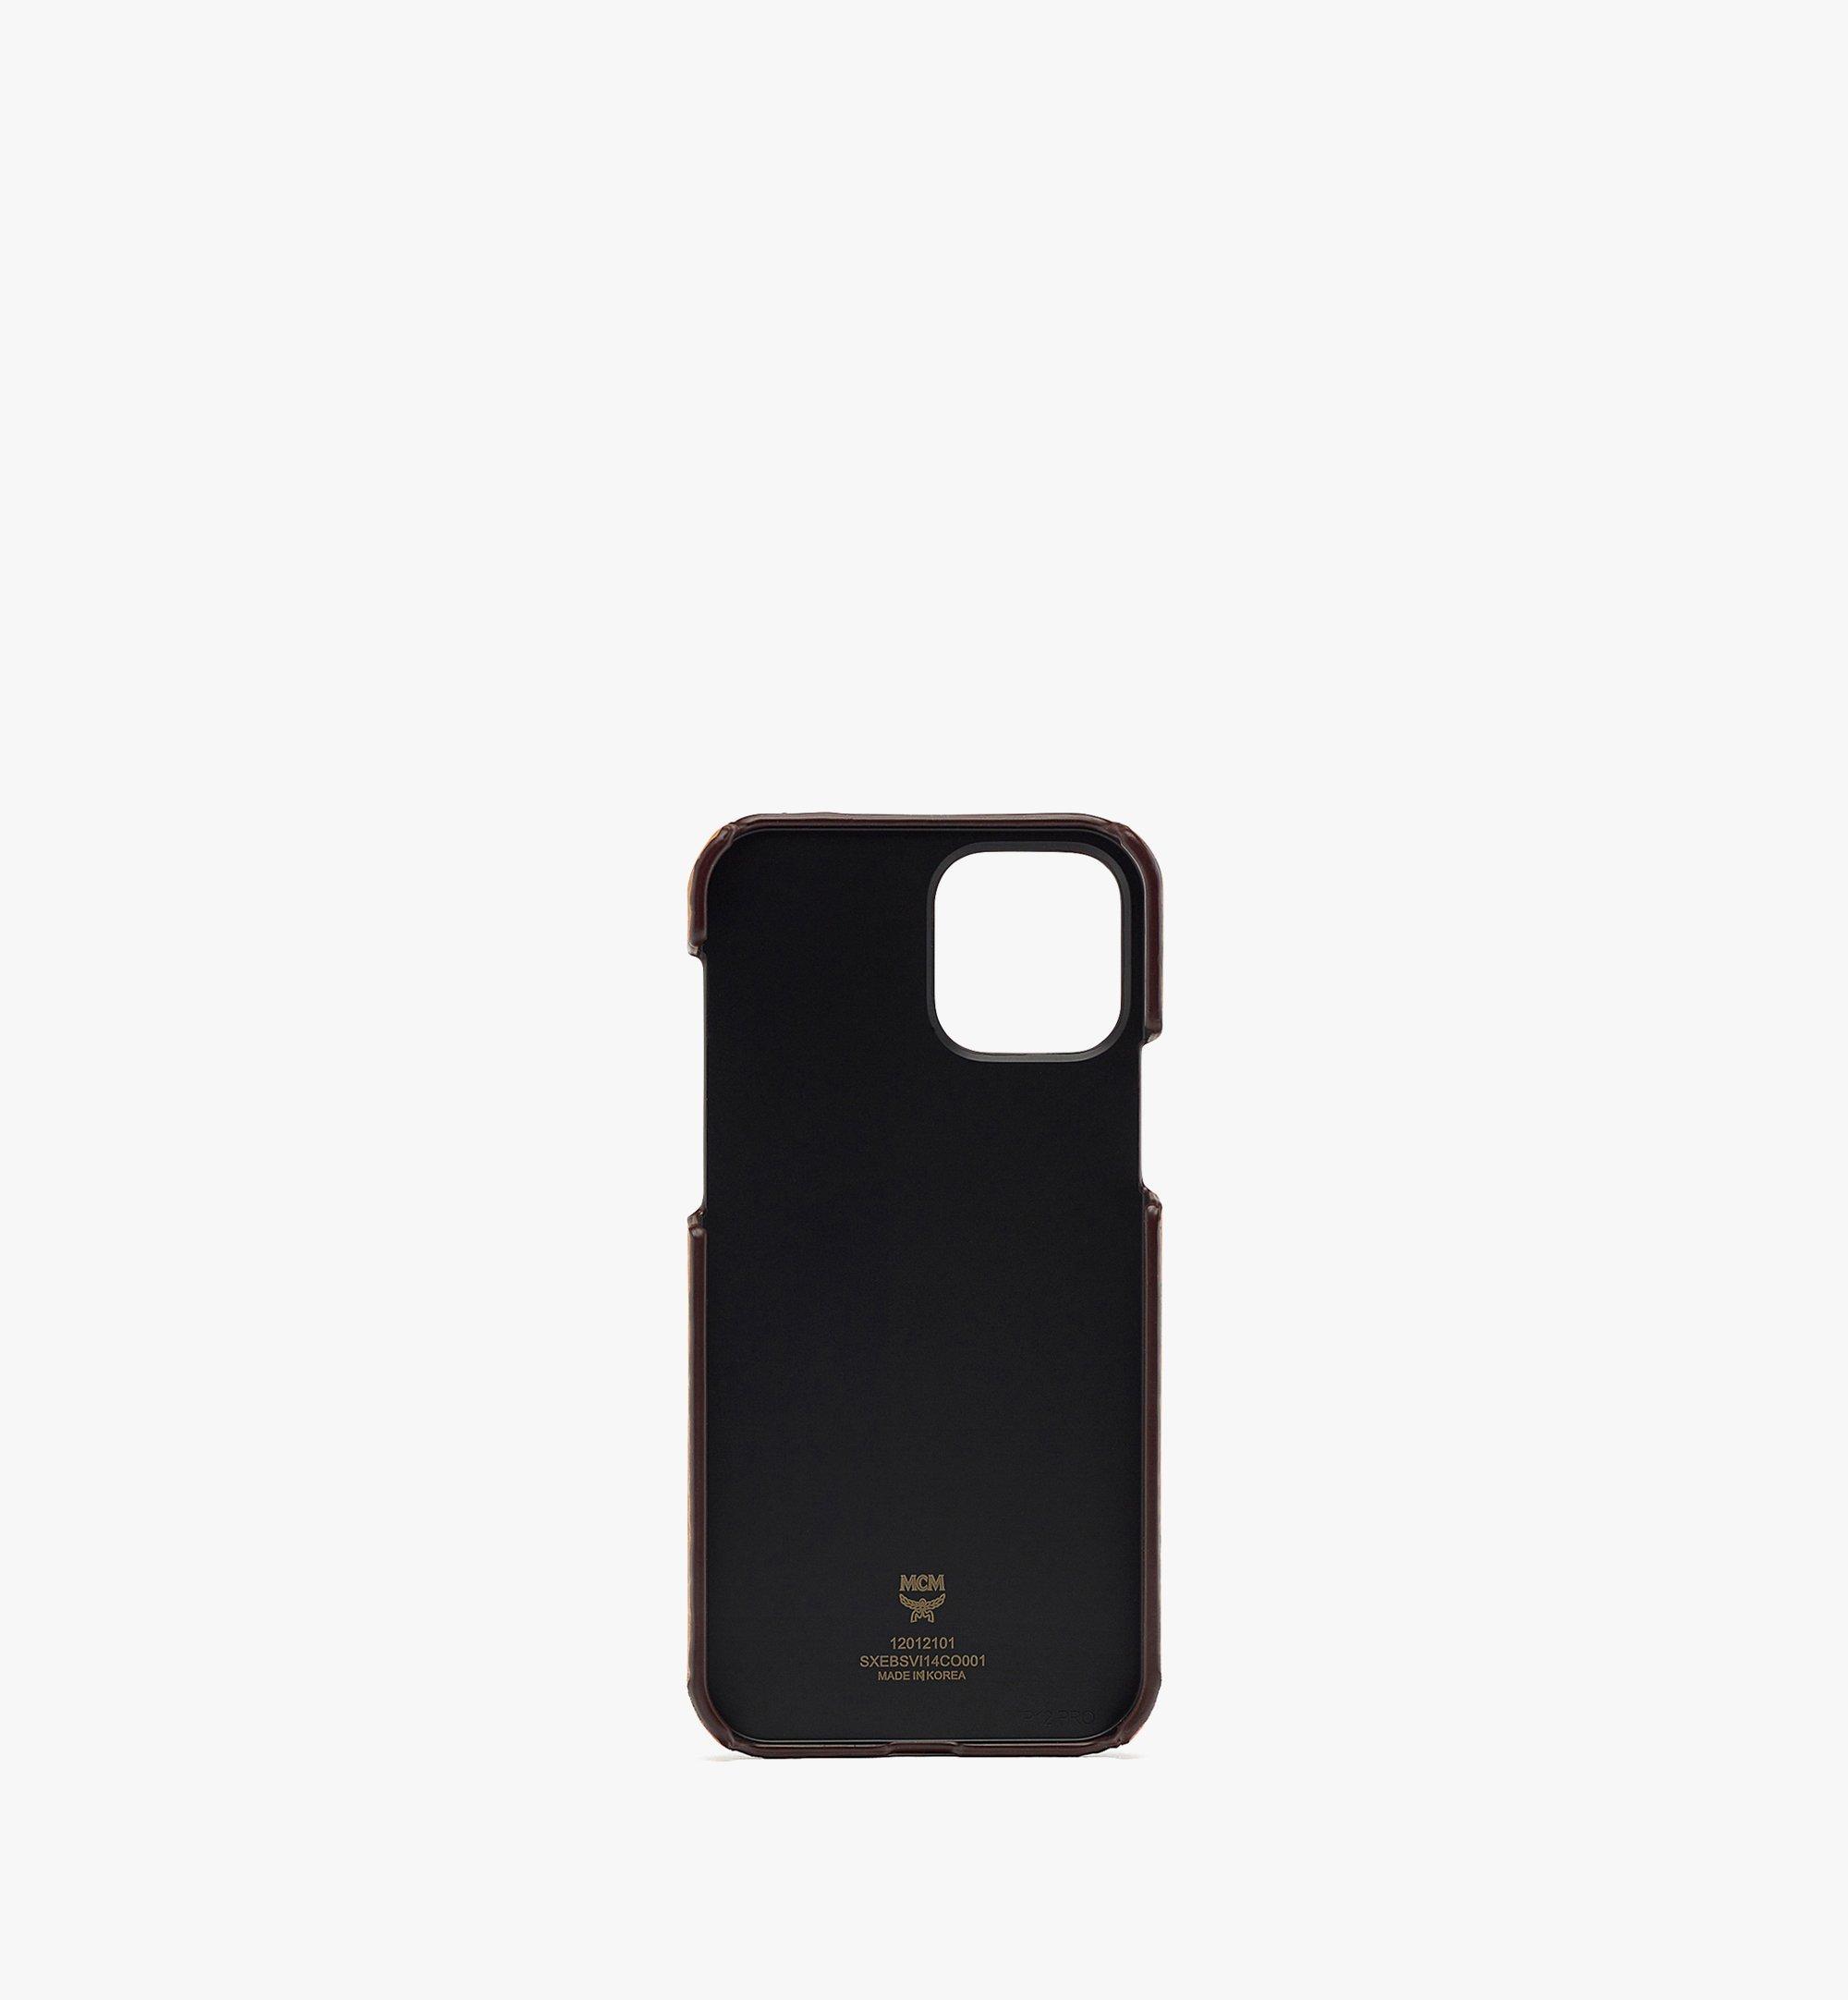 MCM iPhone 12/12 Pro Case in Visetos Original Cognac MXEBSVI14CO001 Alternate View 2